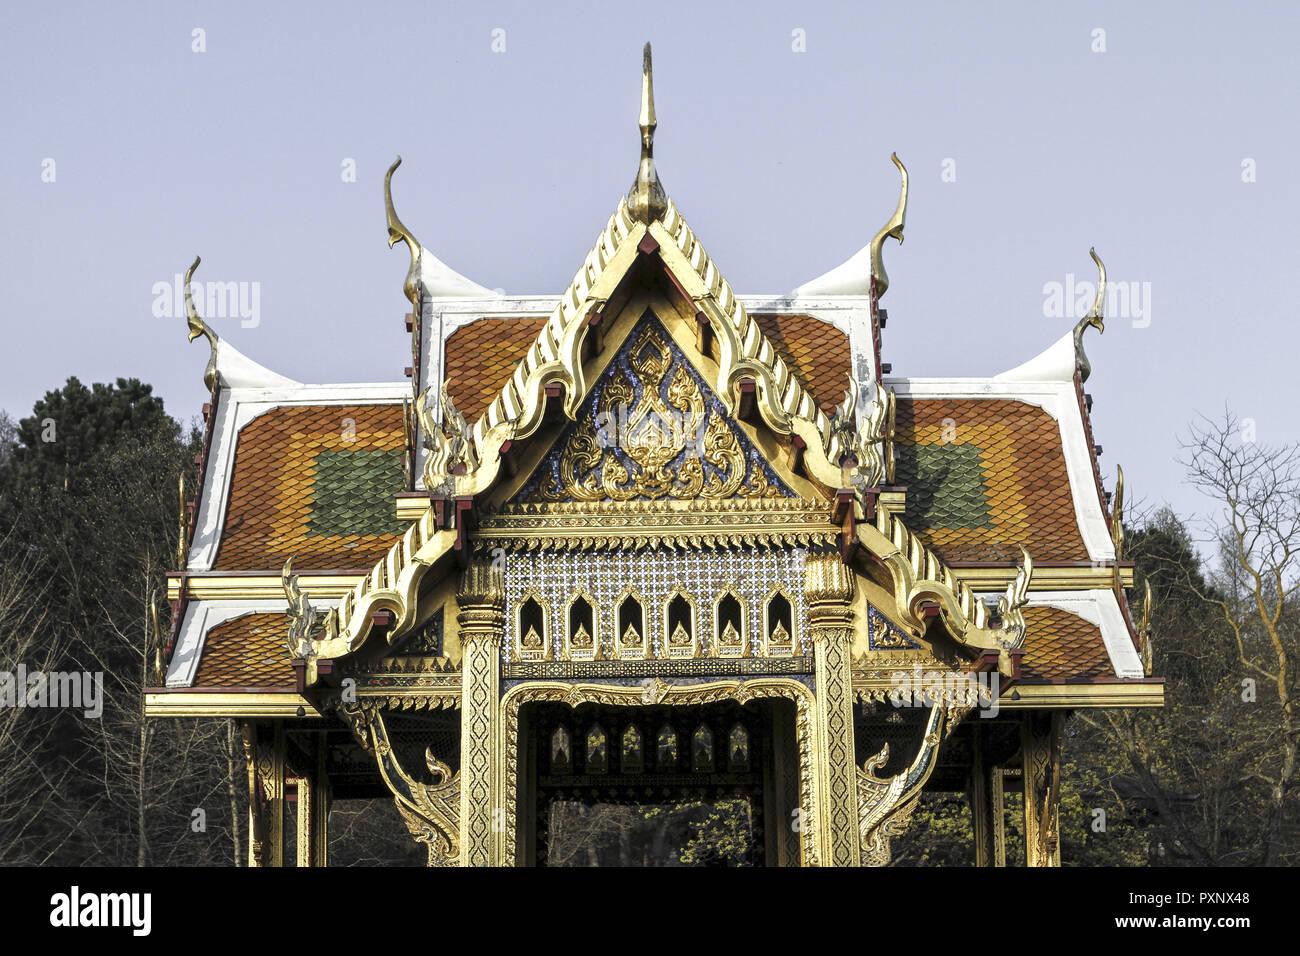 BRD, Germany, Bayern, Oberbayern, Muenchen, Thailaendischer Tempel im Westpark - Stock Image